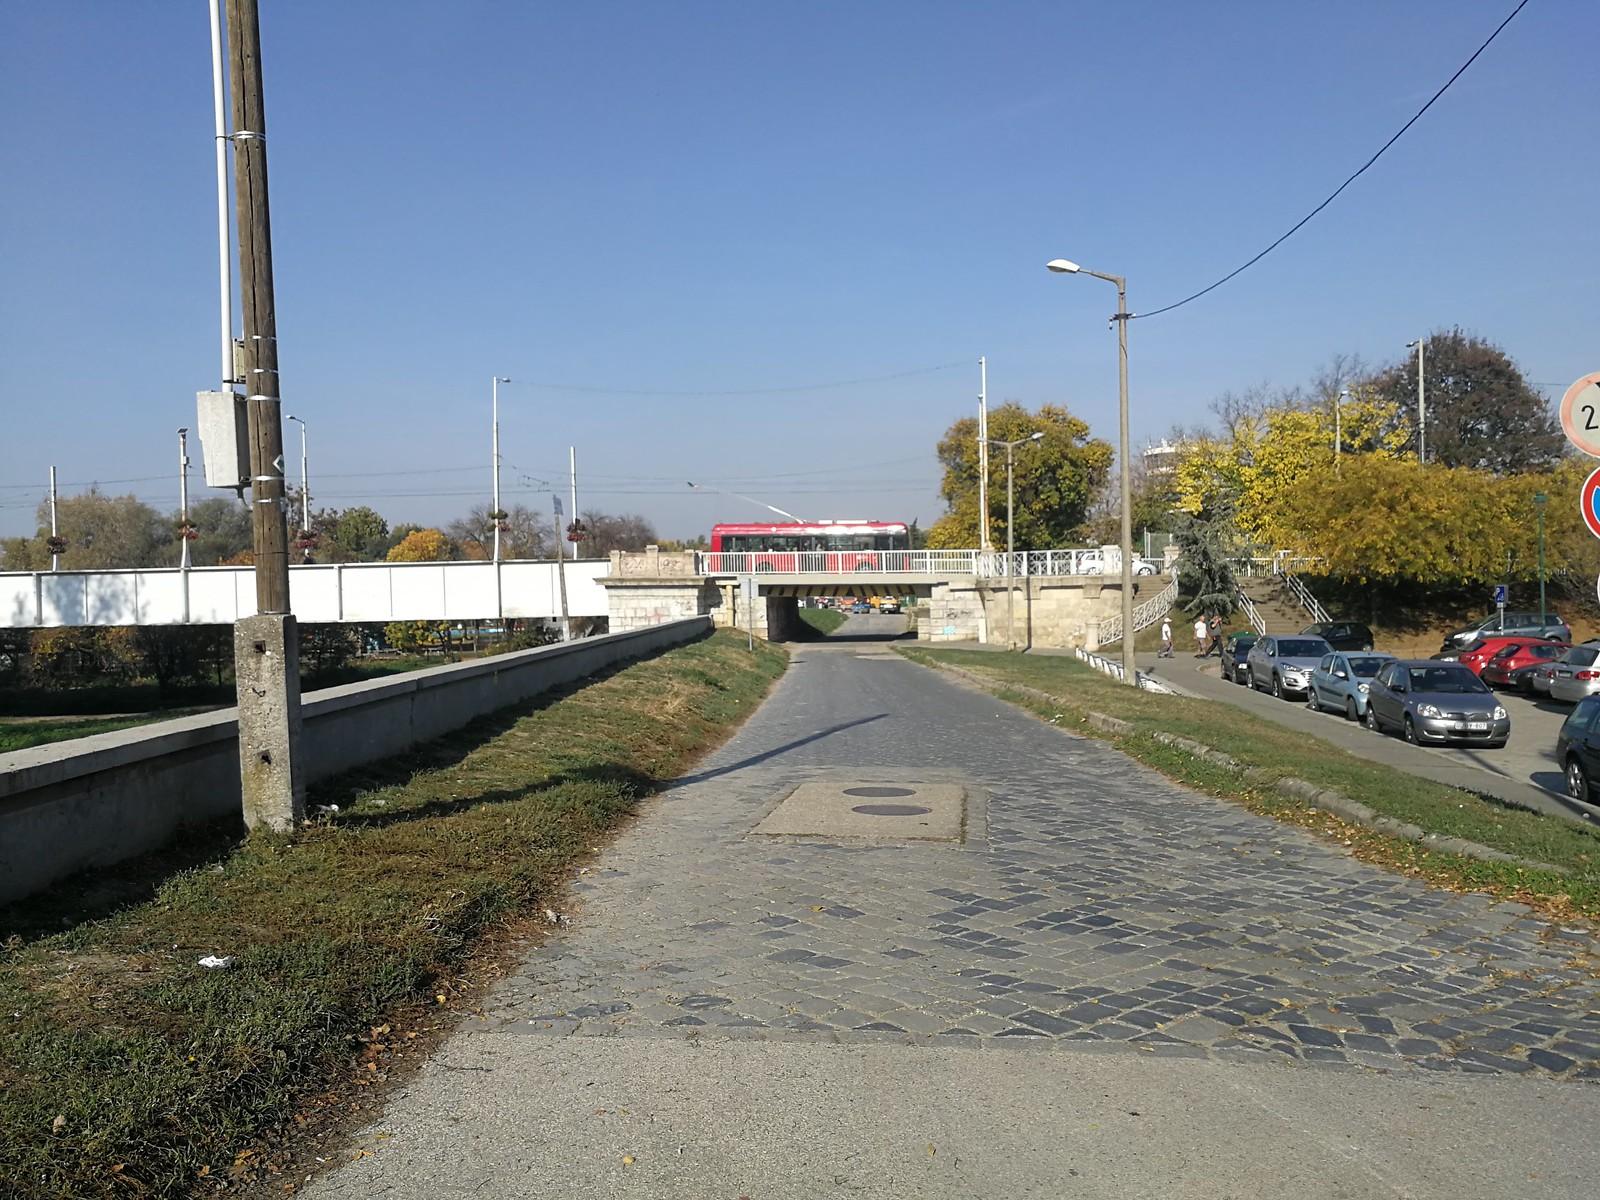 Mégsem kerül aszfalt a régi híd alatti kockaköves útra